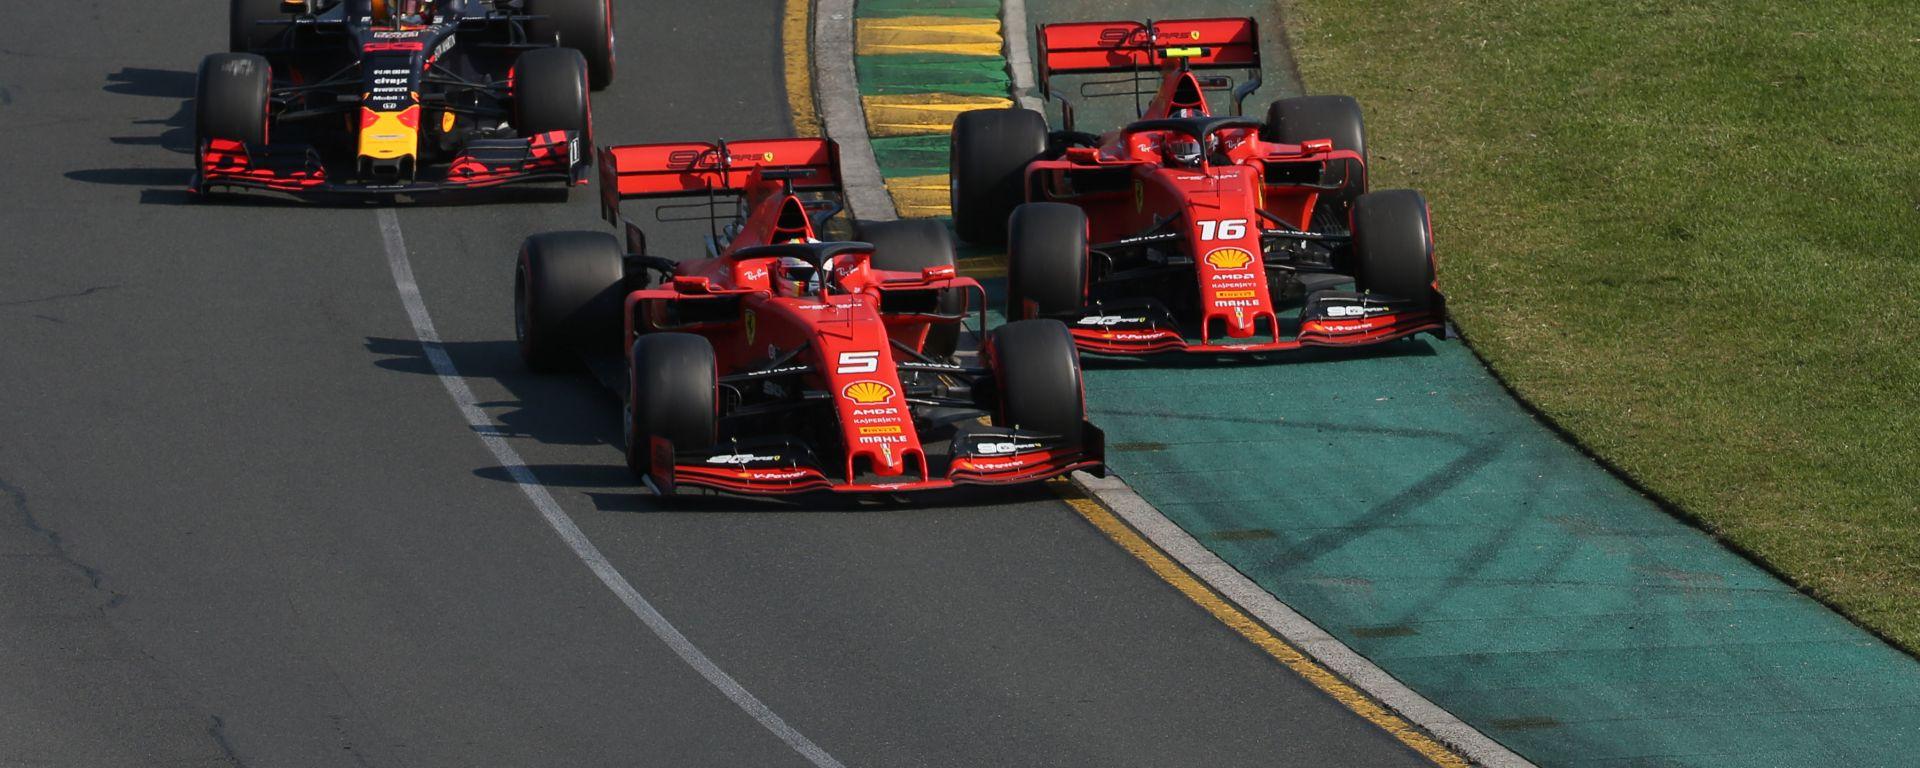 Ferrari, un replay nascosto mostra il contatto Leclerc-Vettel al via